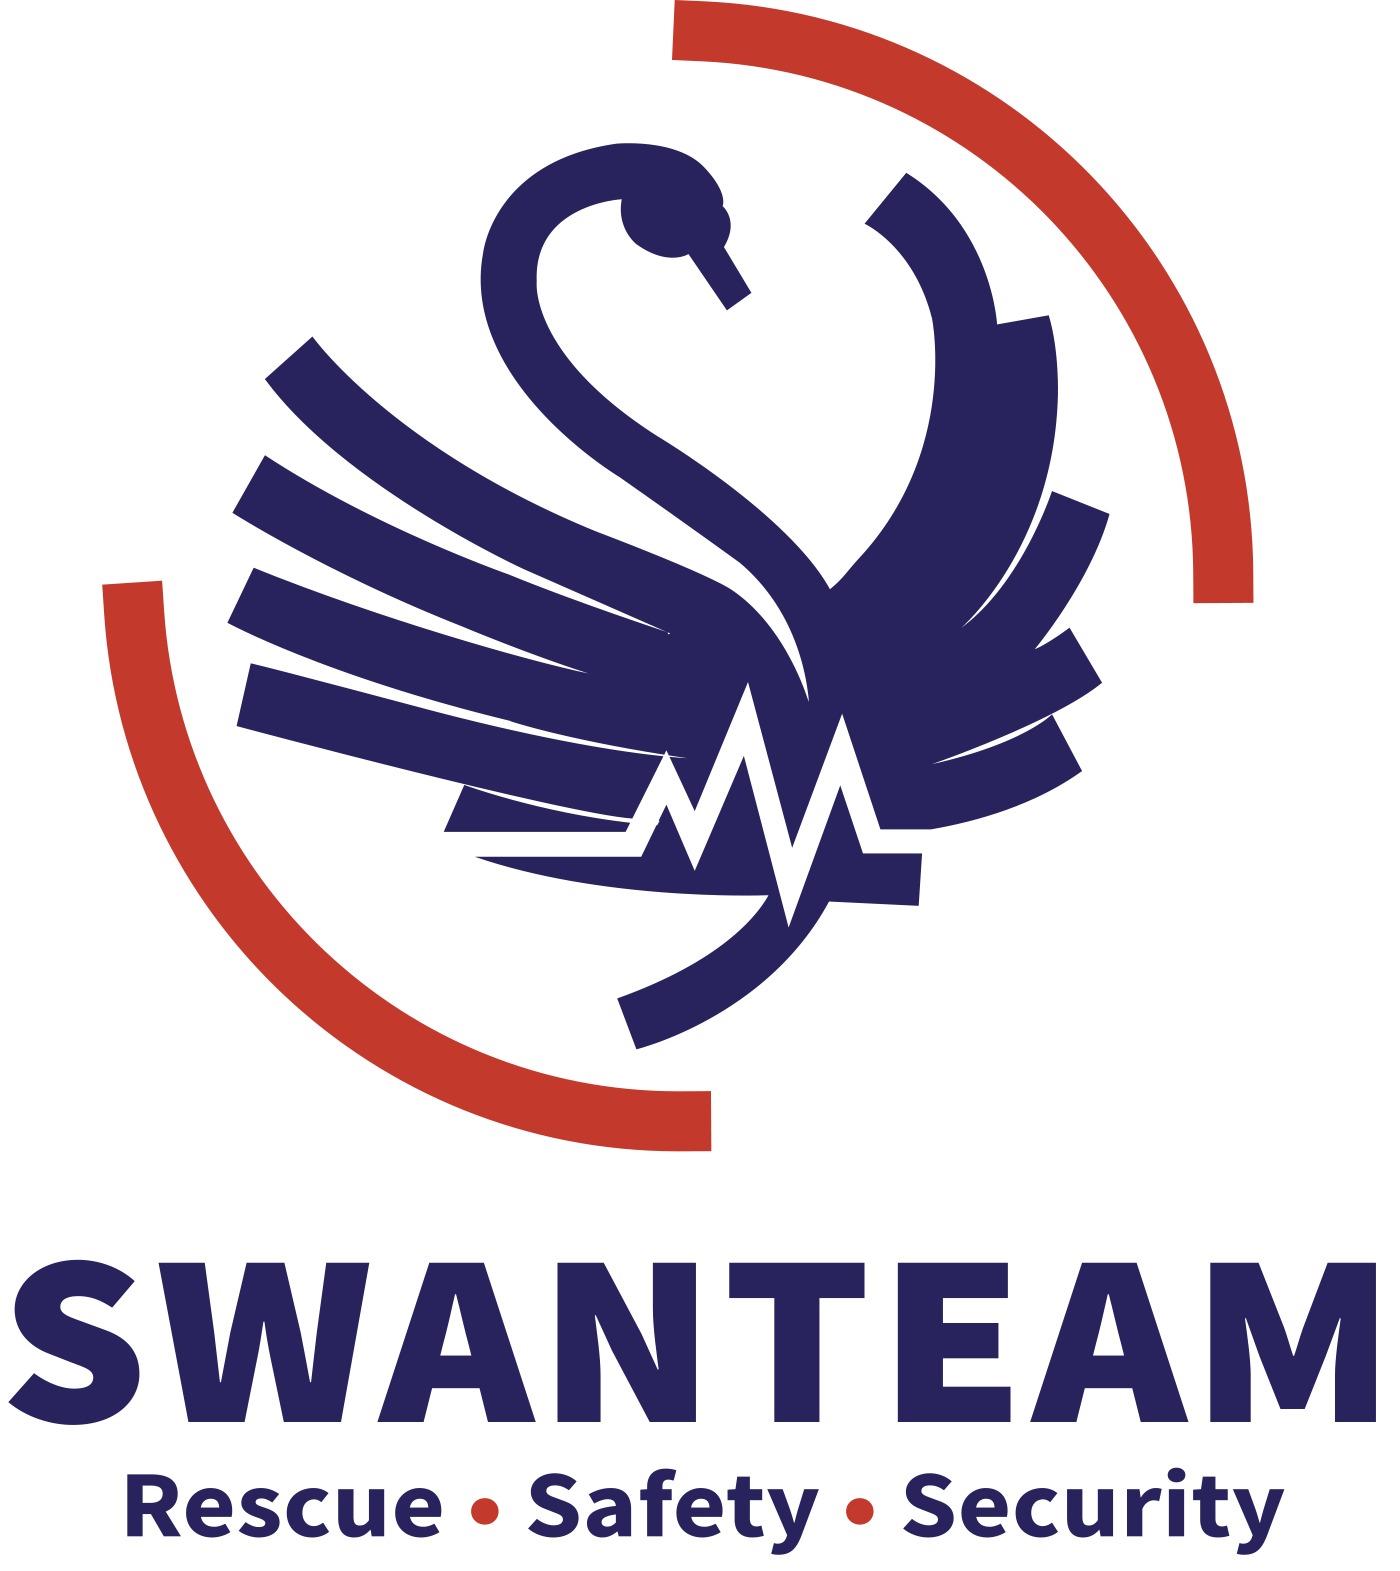 SWANTEAM